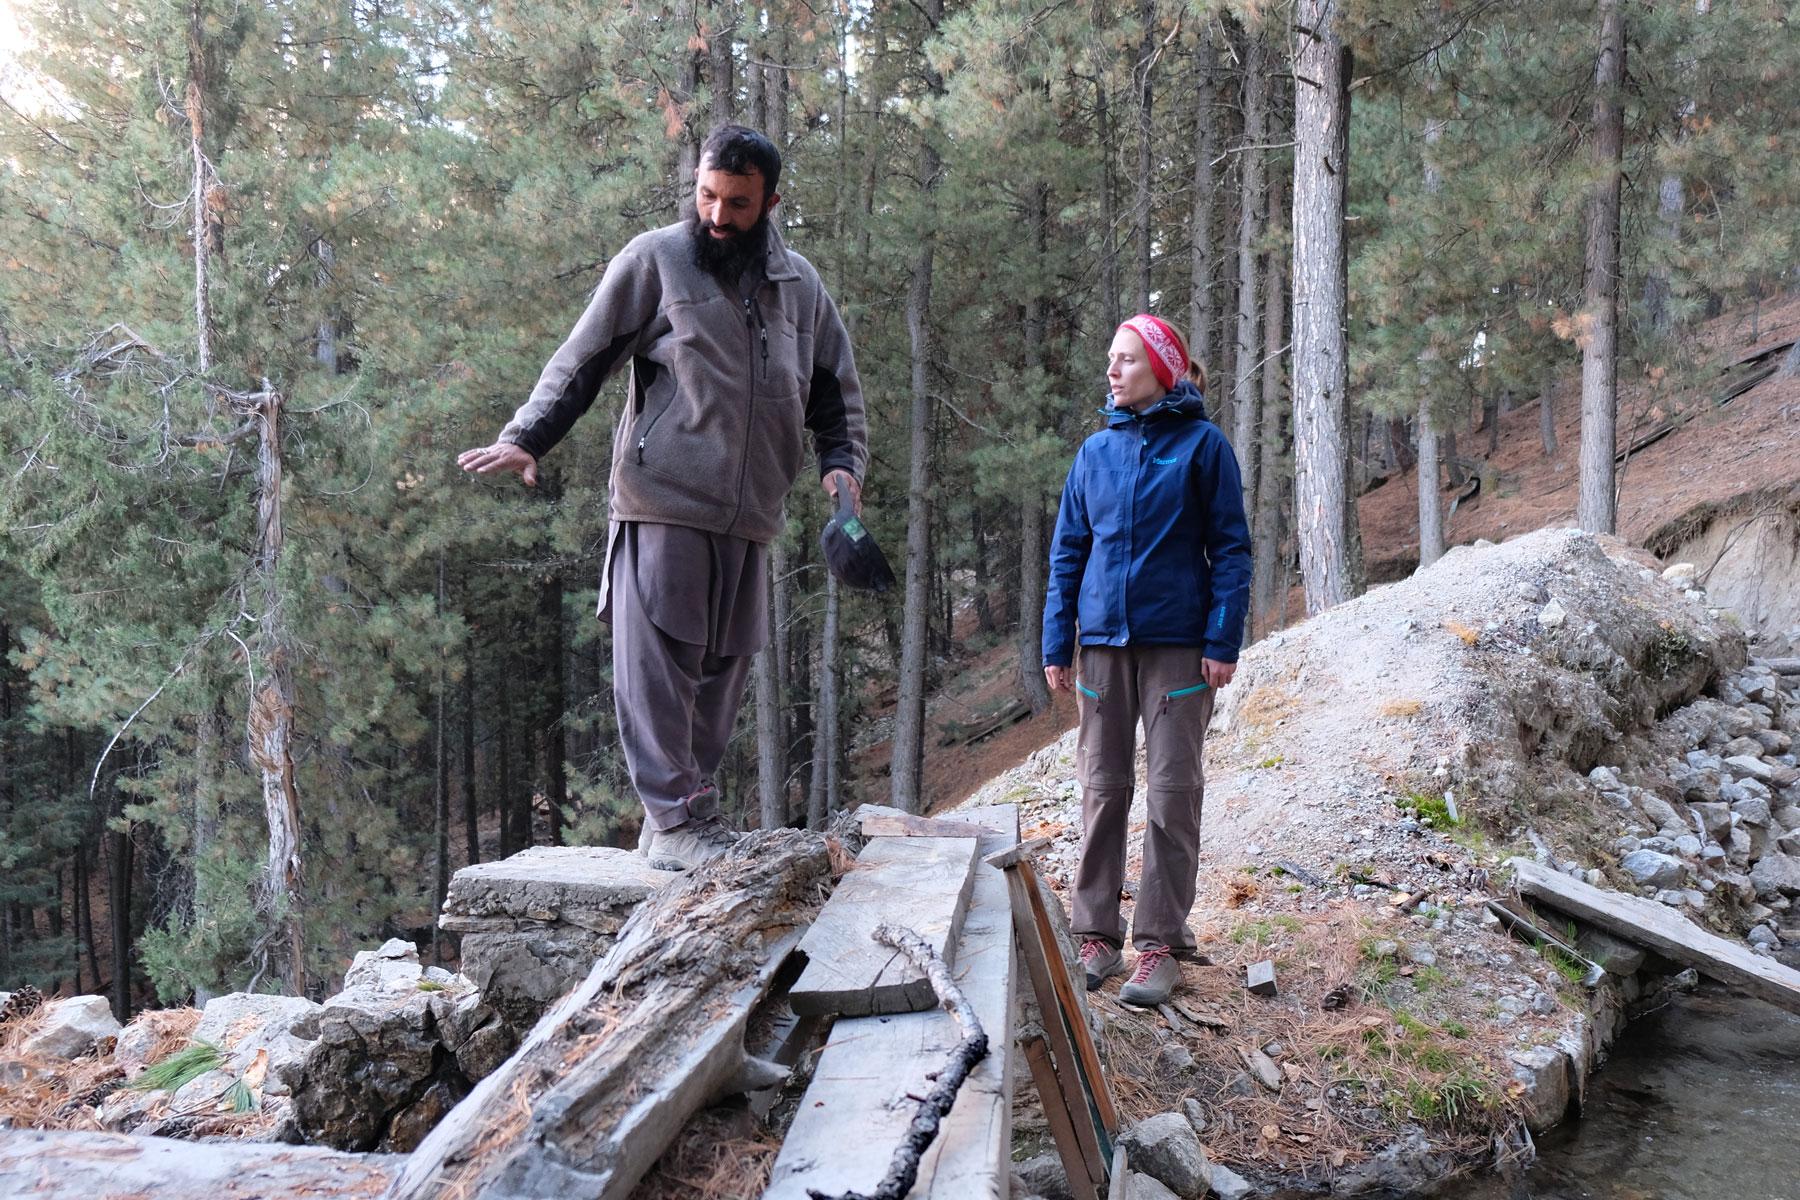 Leo steht im Wald neben einem Pakistaner, der ihr etwas erklärt.